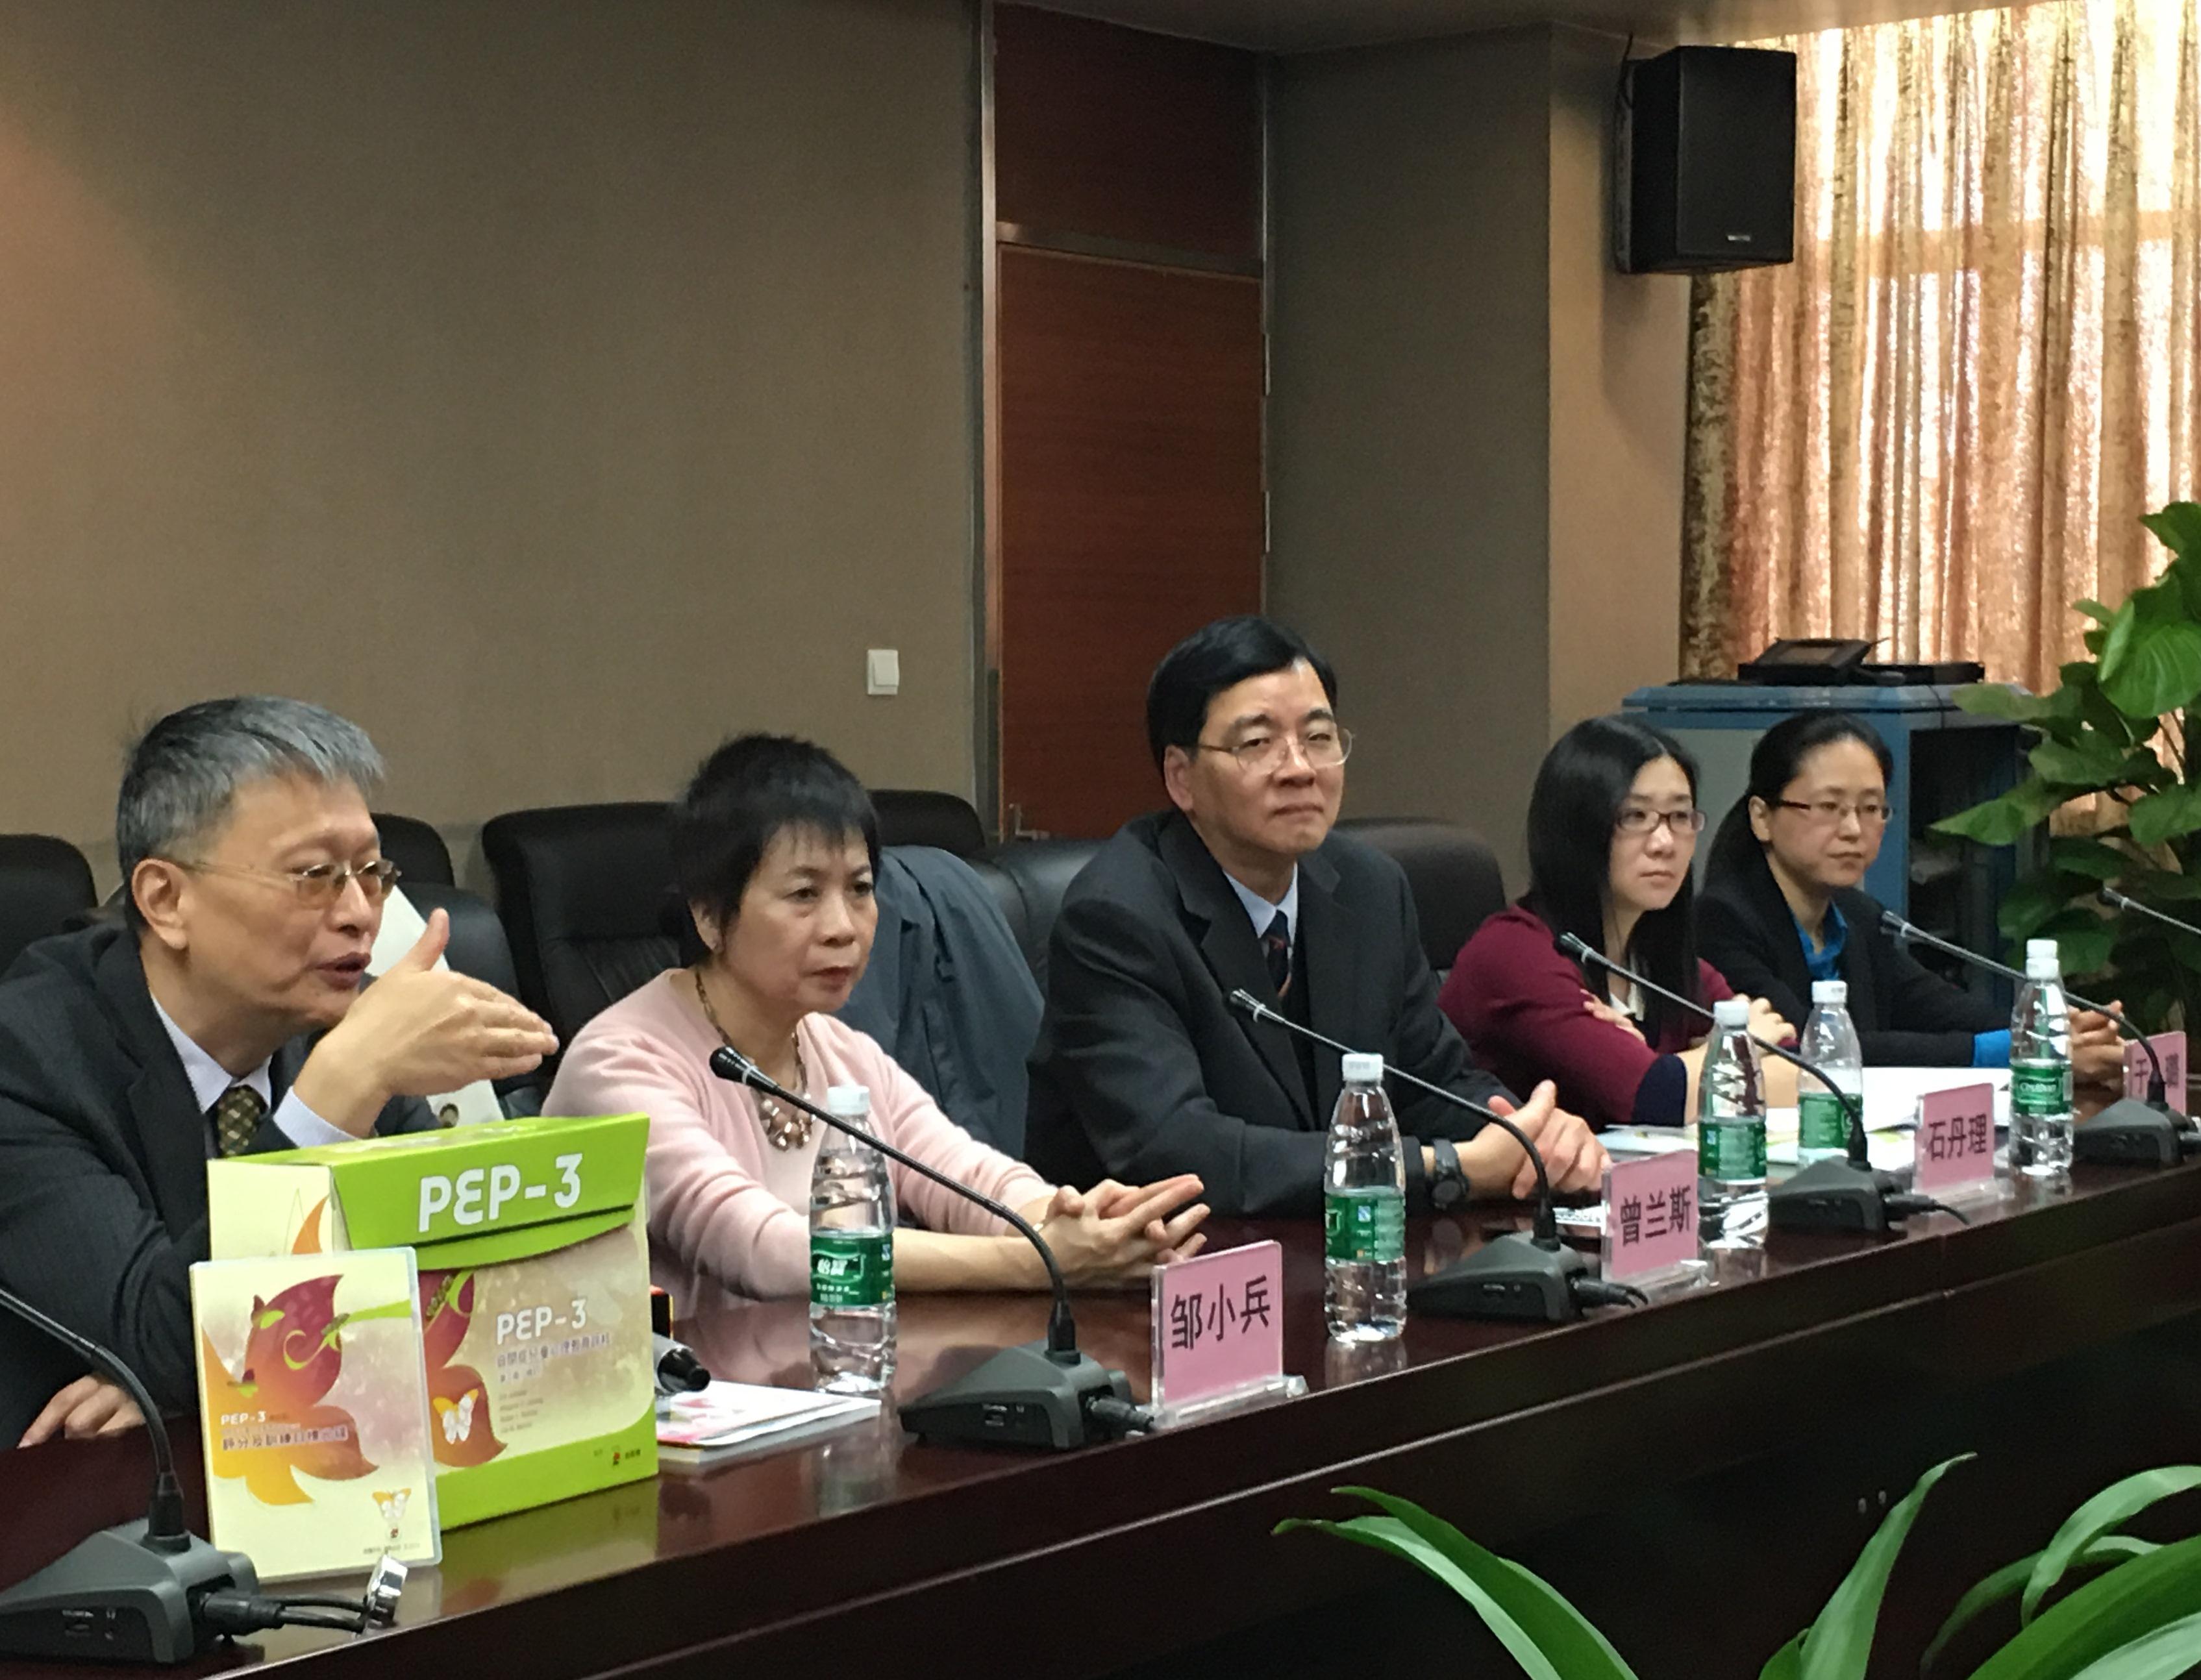 國內自閉症權威專家鄒小兵教授(左一)在發佈會上講解CPEP-3驗証研究,由他帶領的中山三院專業團隊以一年時間為國內的554名自閉症兒童及311名正常兒童進行評估。